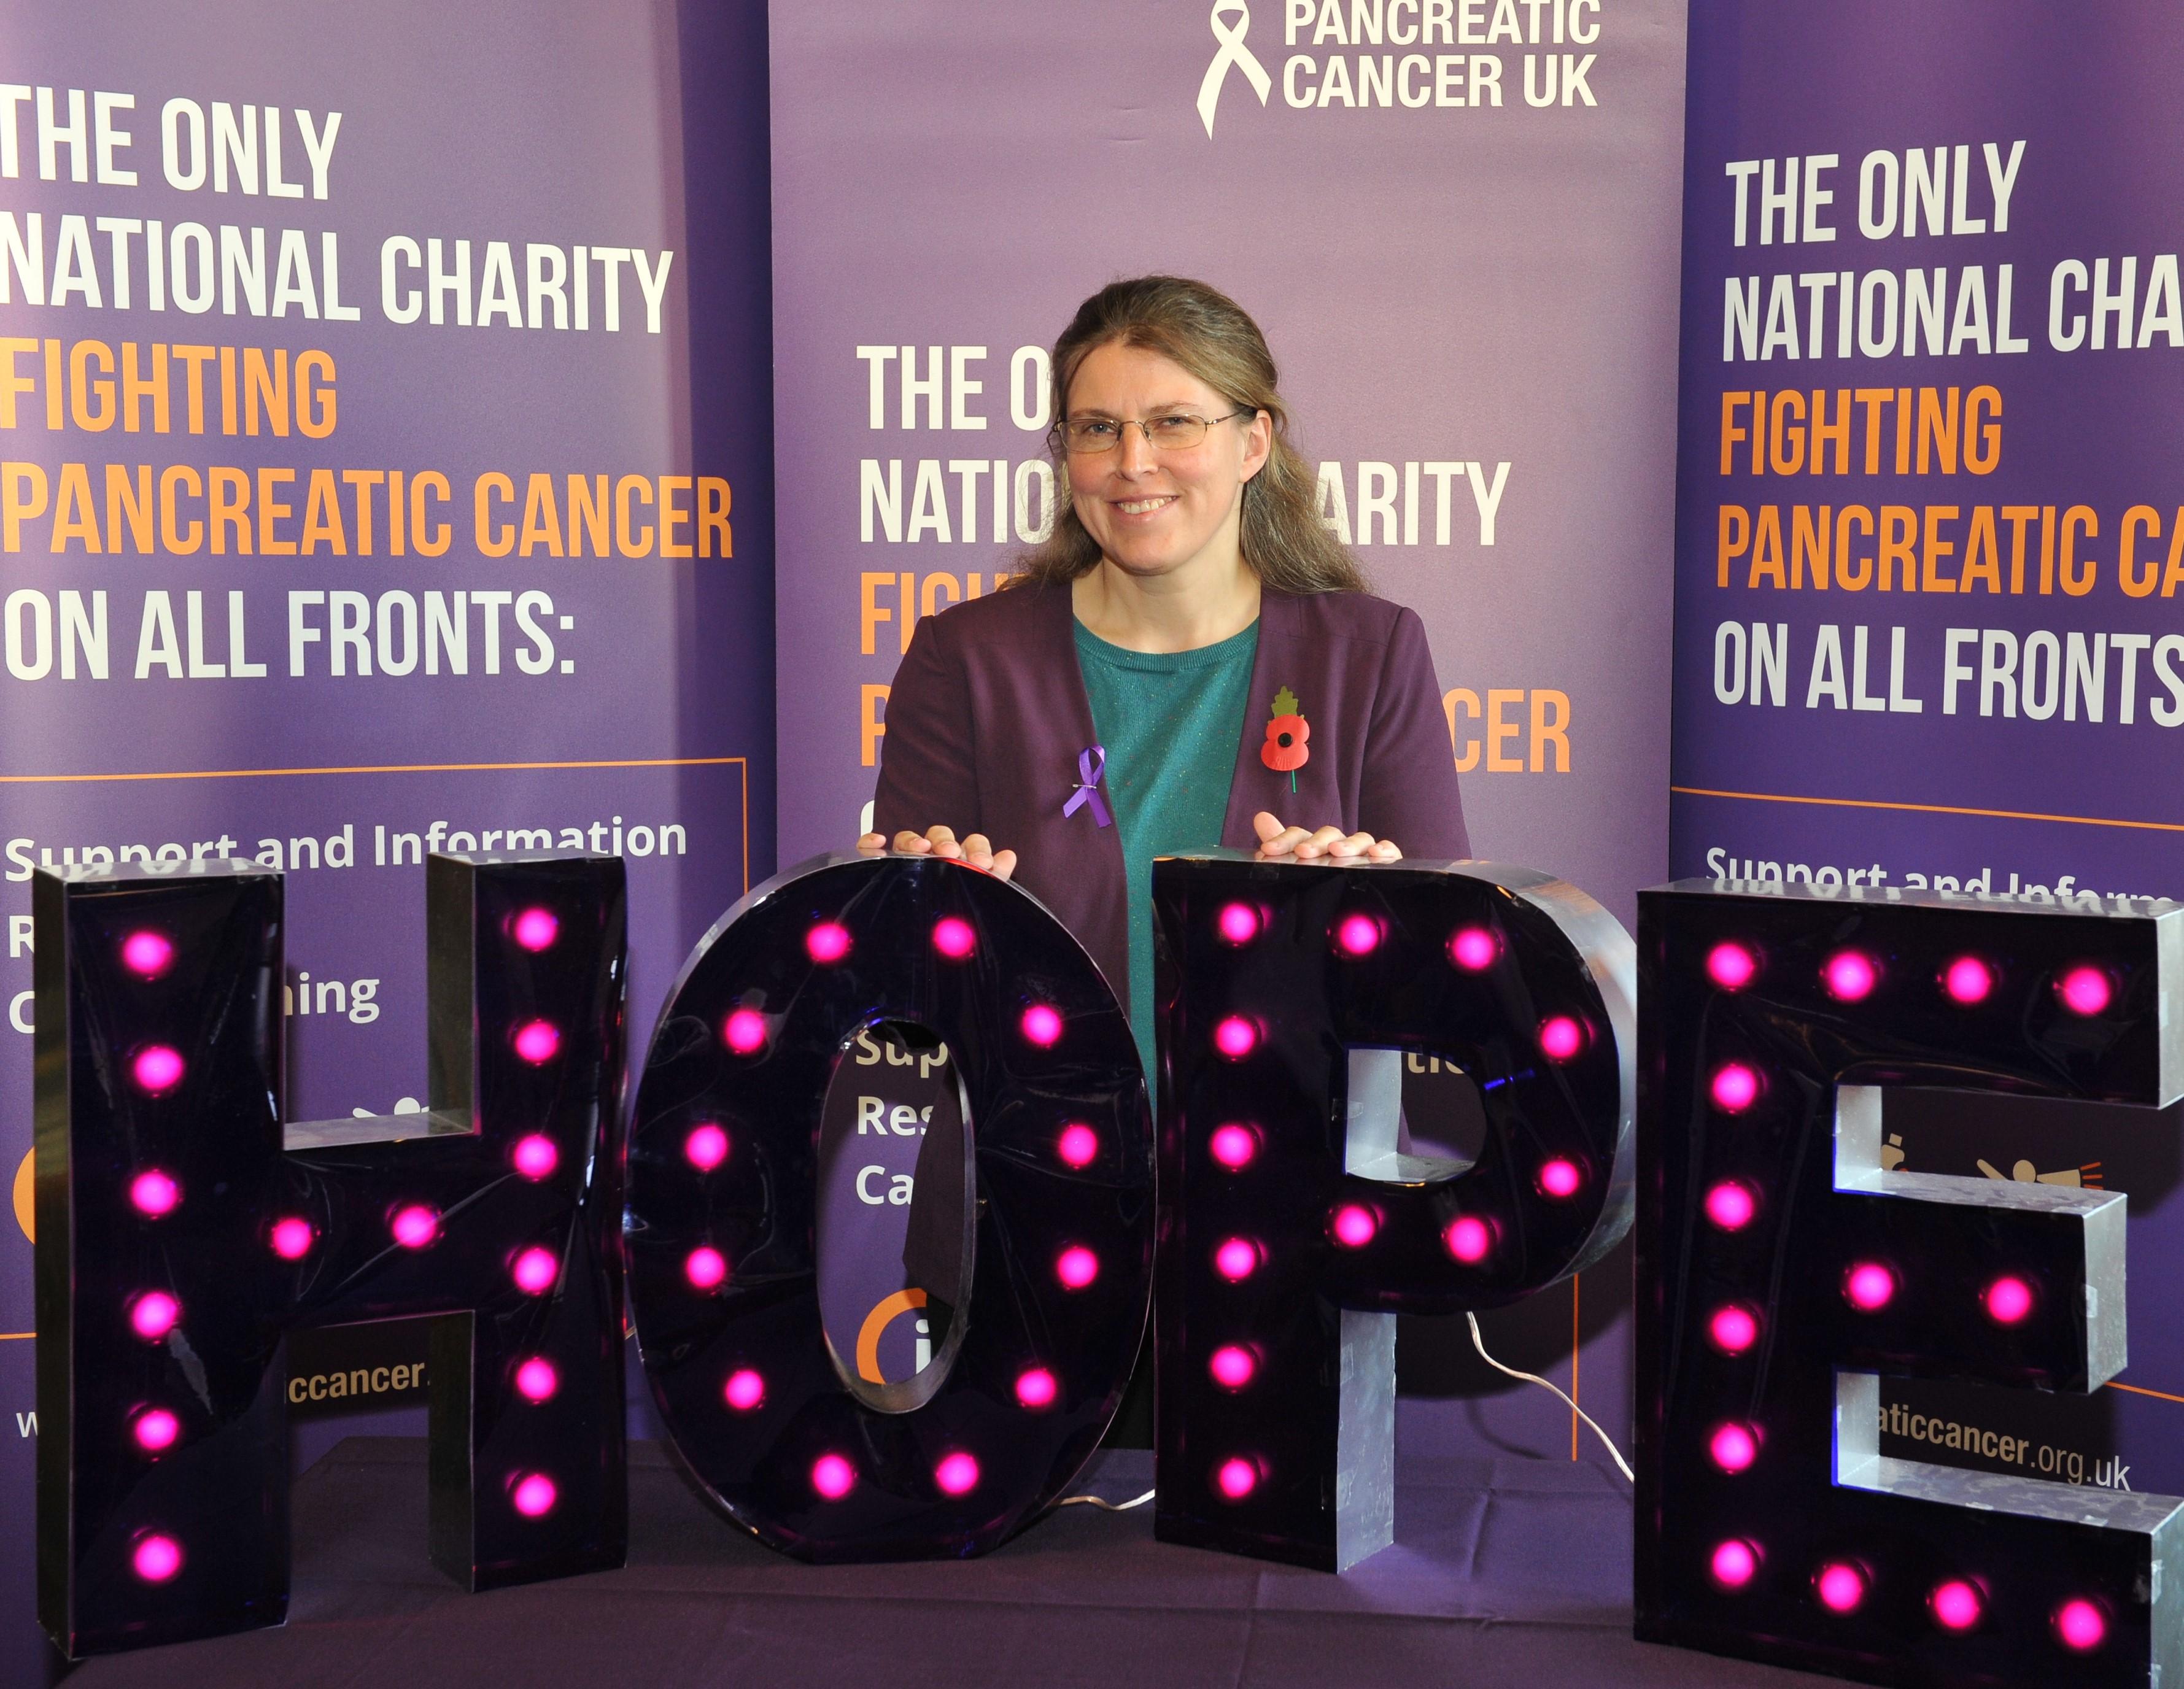 Pancreatic_Cancer_UK_0961.jpg